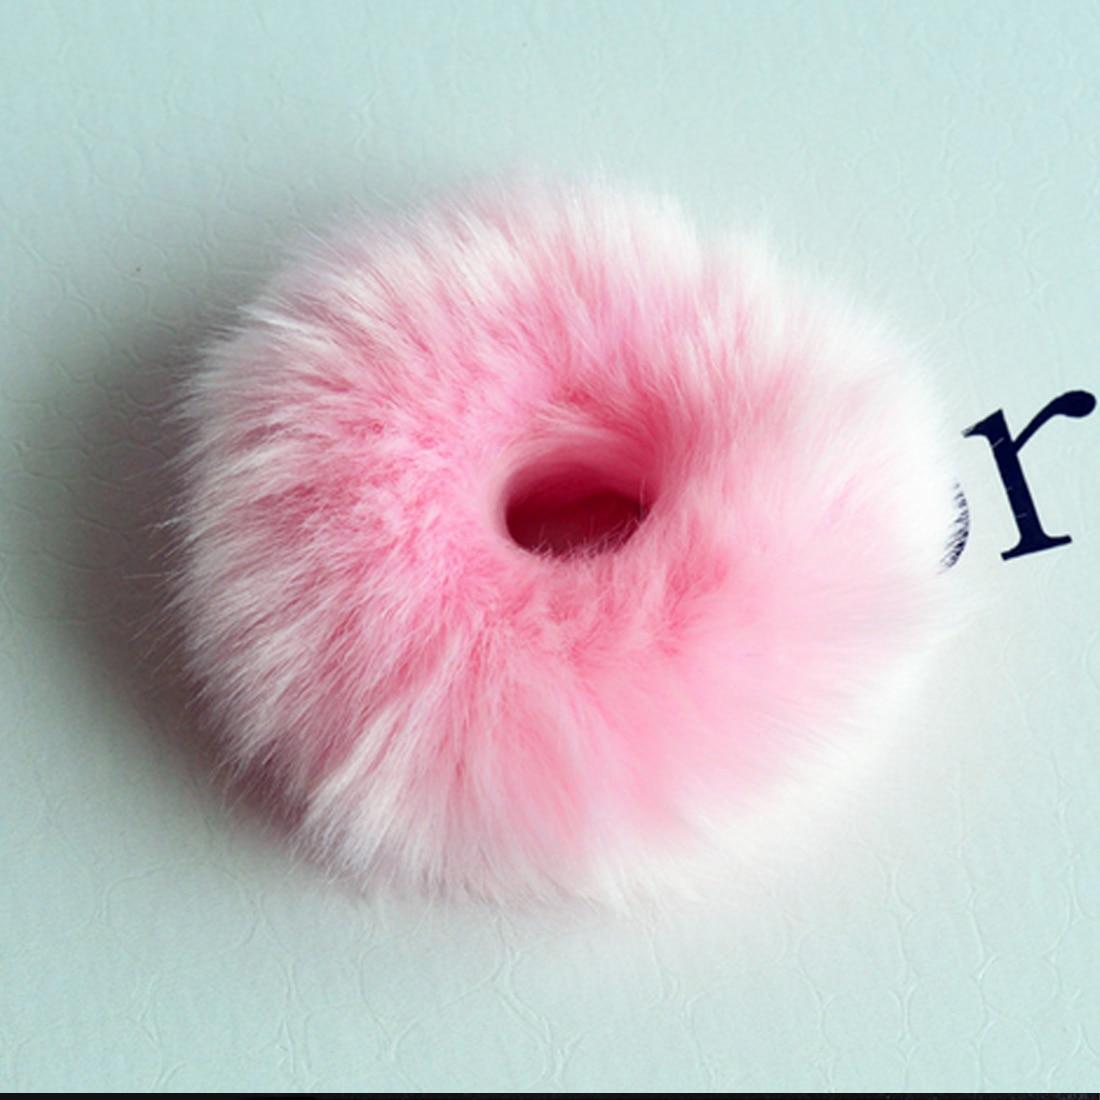 Новинка, настоящая меховая кроличья шерсть, мягкие эластичные резинки для волос для женщин и девочек, милые резинки для волос, резинка для хвоста, модные аксессуары для волос - Цвет: Розовый